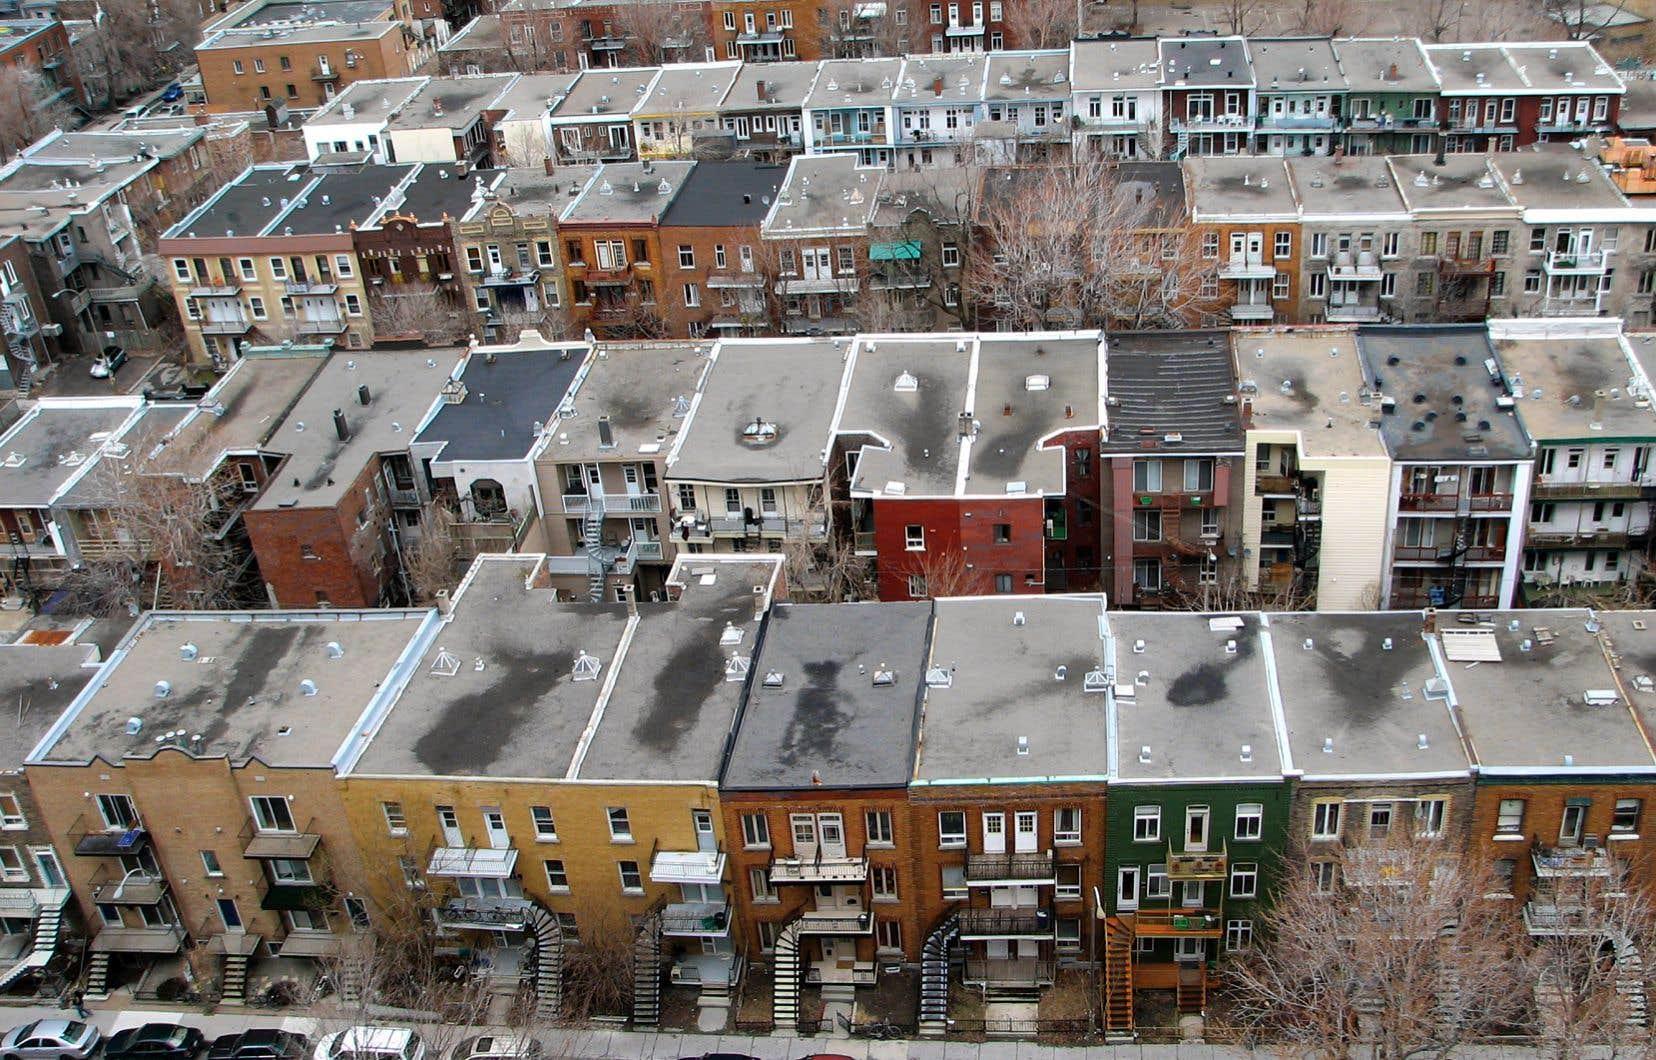 À Montréal, l'habitation devrait avoir pour premier but d'être un milieu de vie pour les individus et les familles, et non un lieu d'investissement et d'enrichissement, soulignent les auteurs.